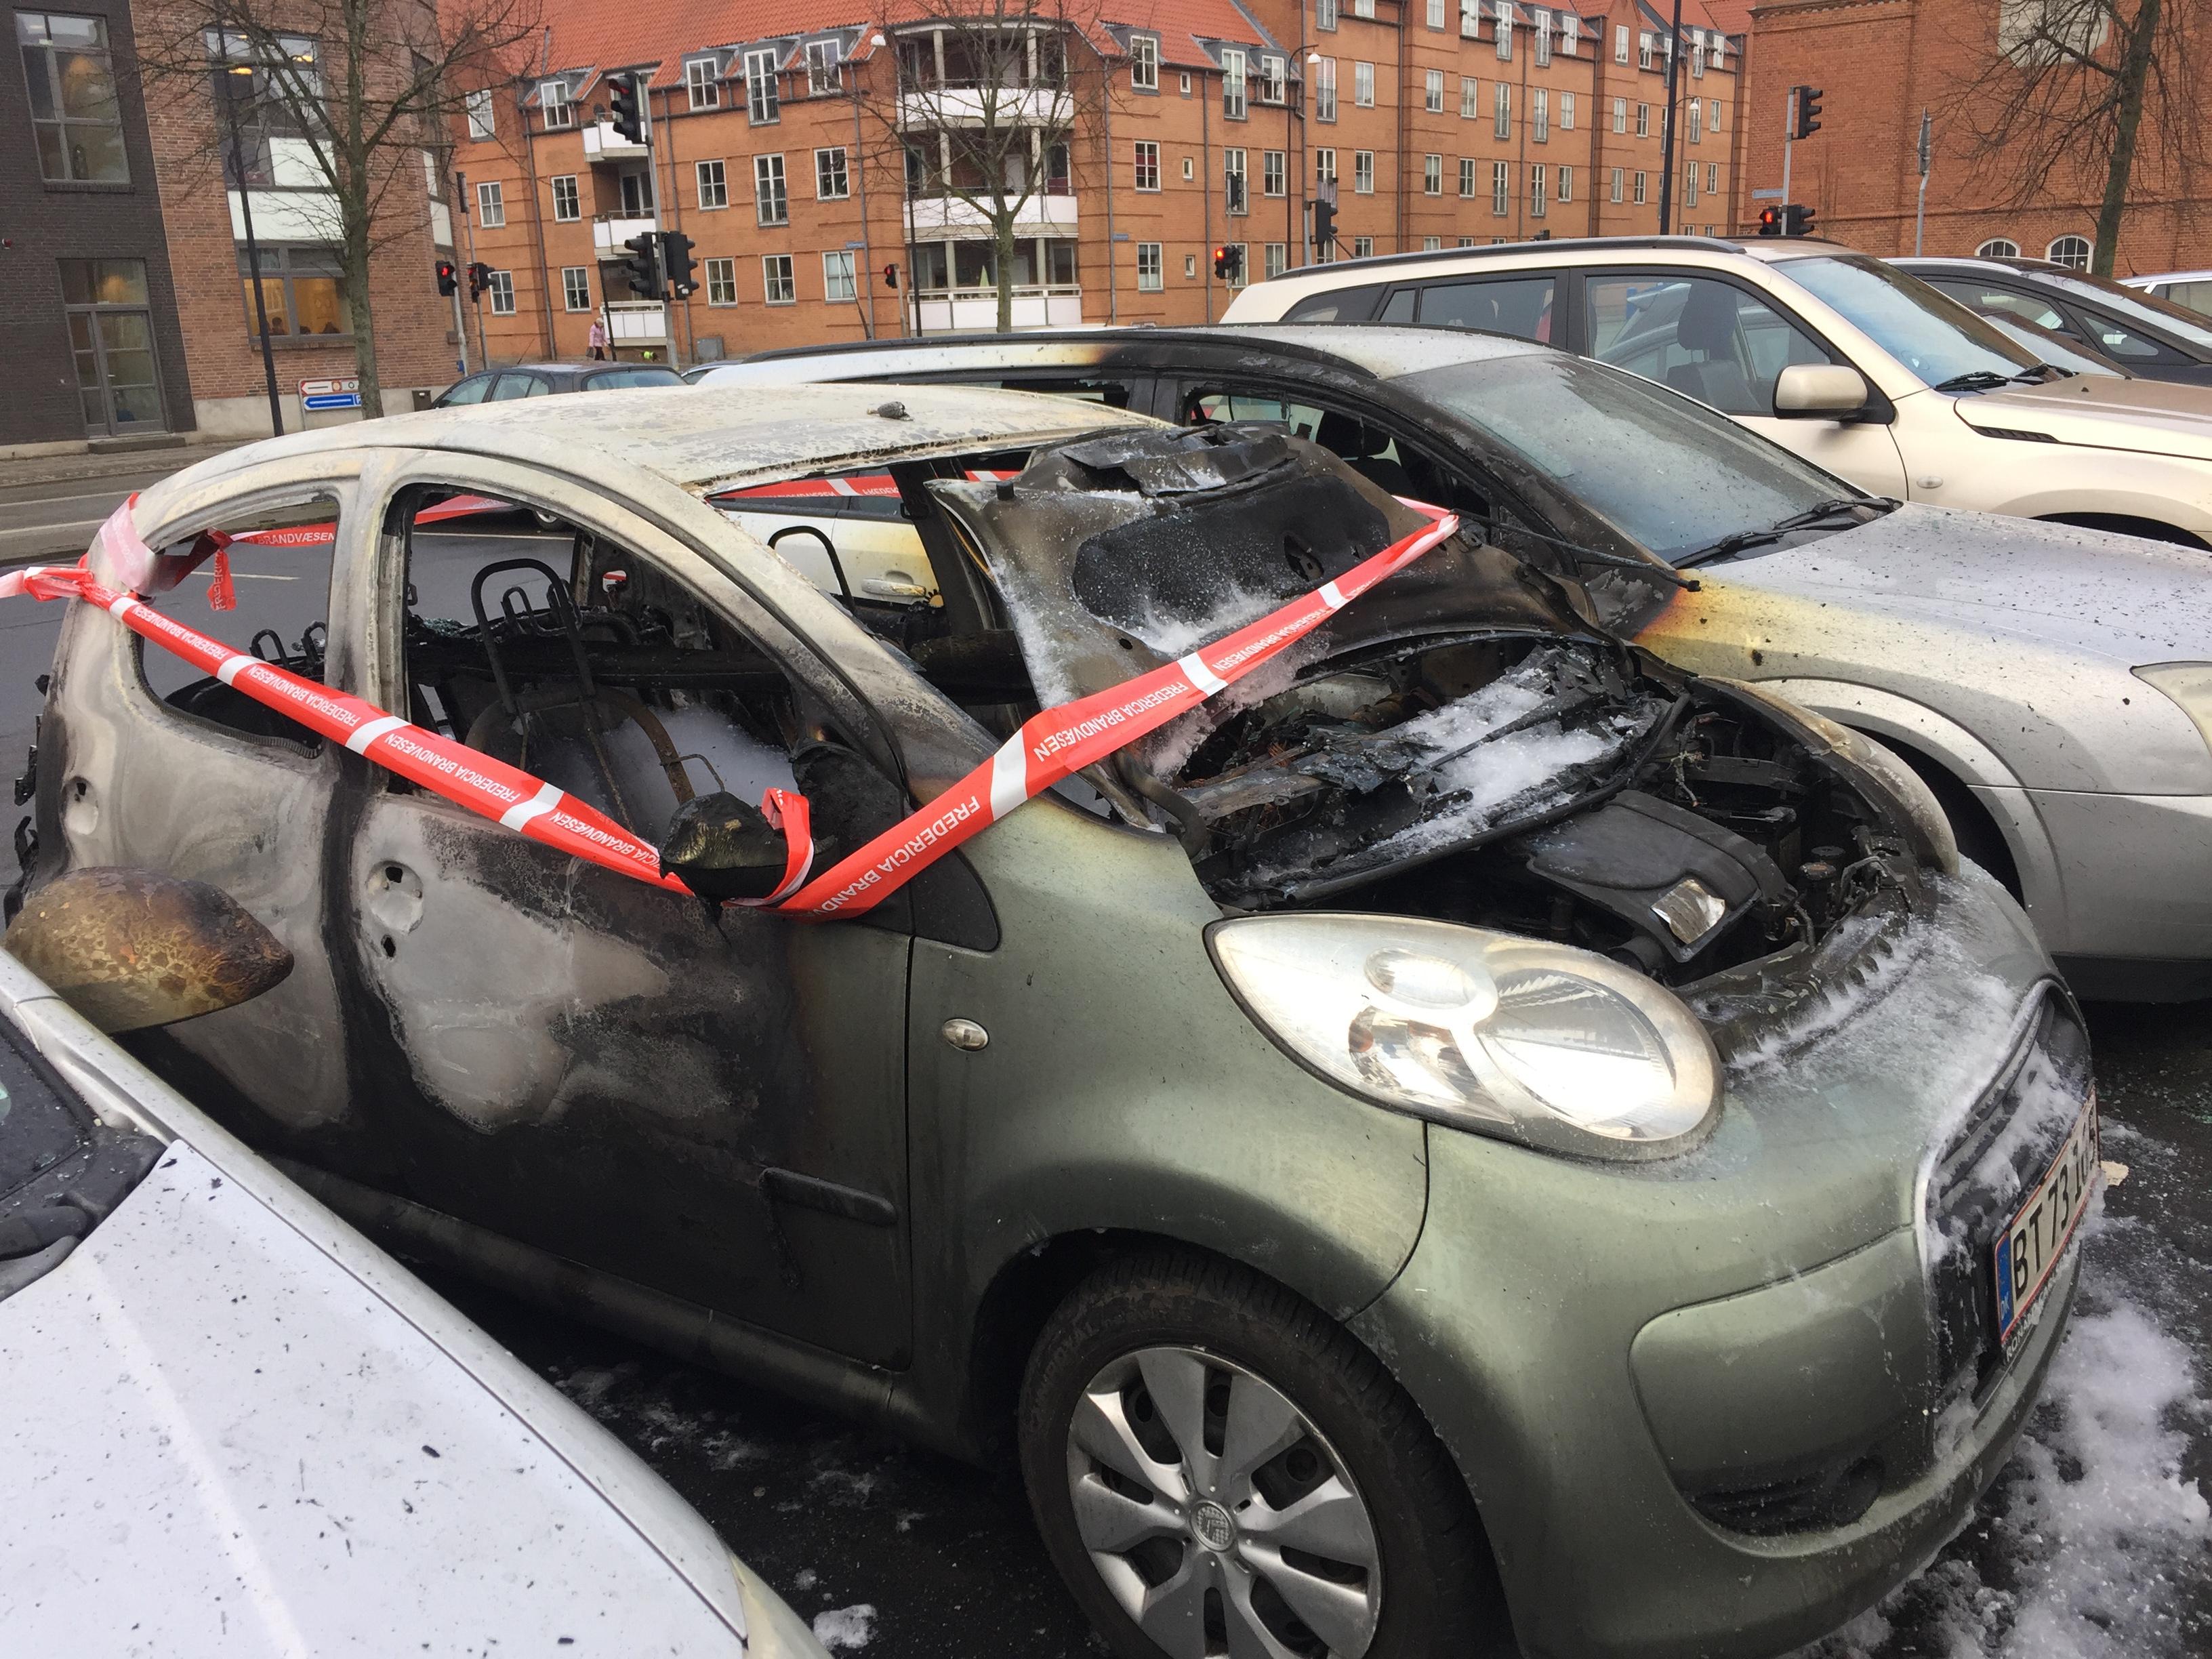 FLERE BILER BRANDSKADET VED GASVÆRKSGRUNDEN